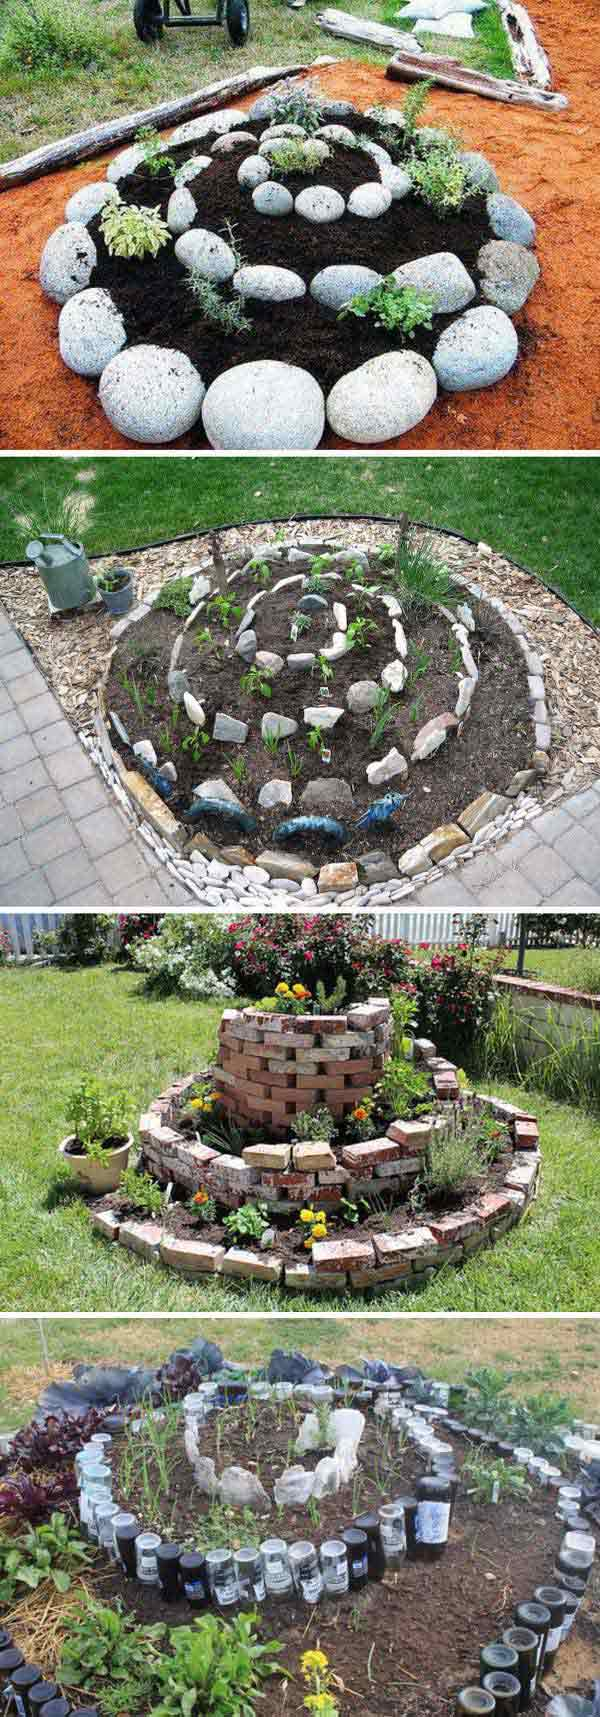 Tham khảo ngay những cách sáng tạo này để biến mảnh đất trống thành vườn rau đẹp mắt - Ảnh 4.